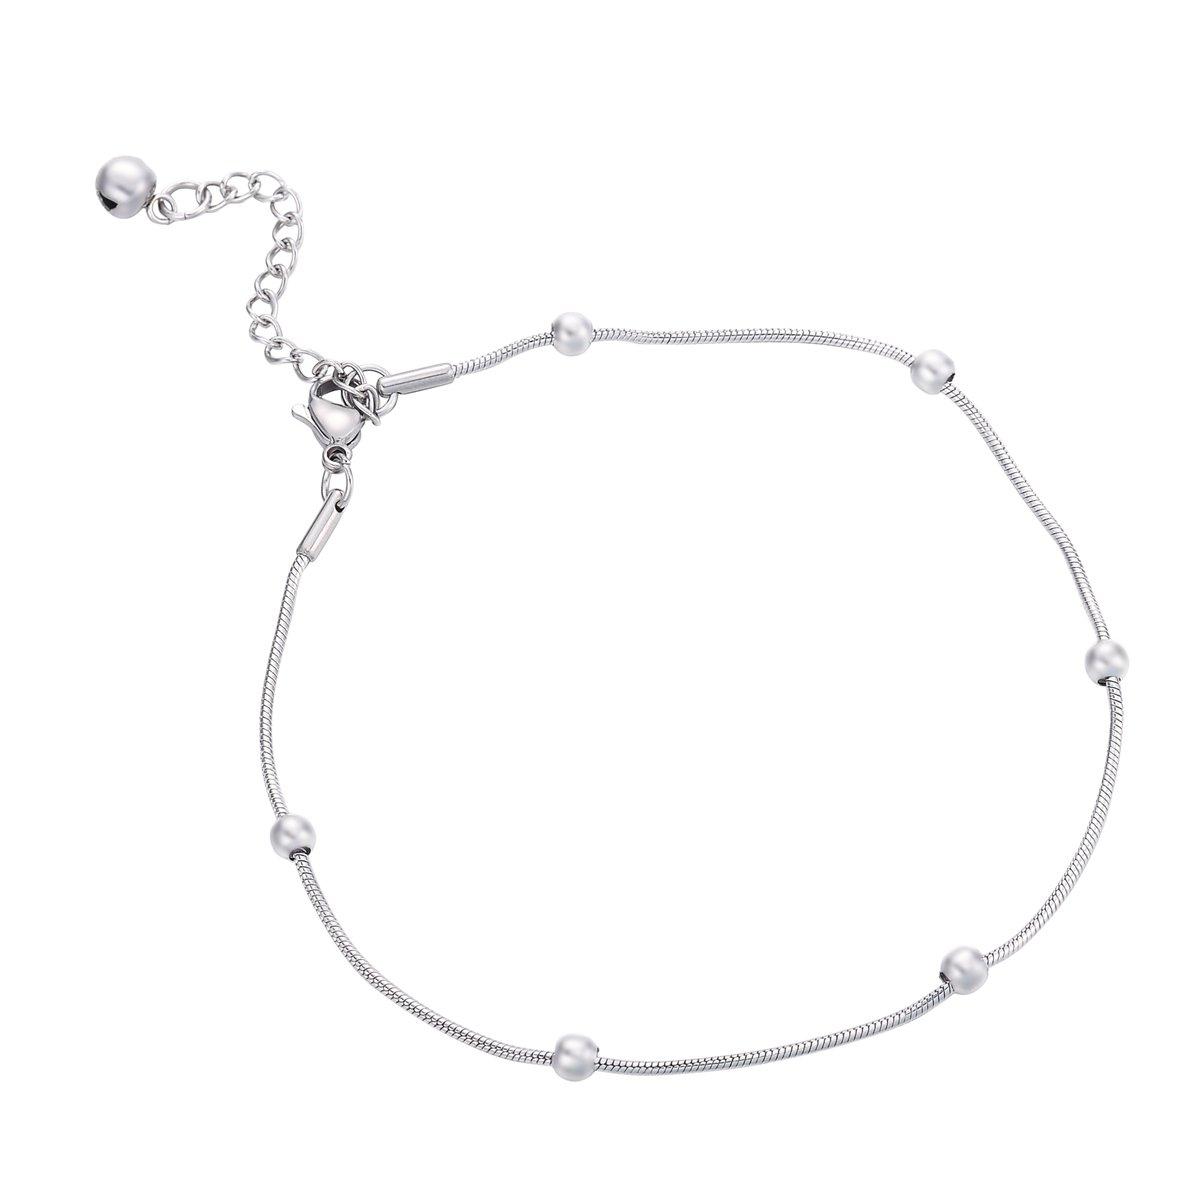 HooAMI Bracelet de Cheville Femme Acier inoxydable Perle Ronde Avec Fermoir de Homard et Petit Grelot Charme Bijoux pour Femme 22cm TY BETY120828